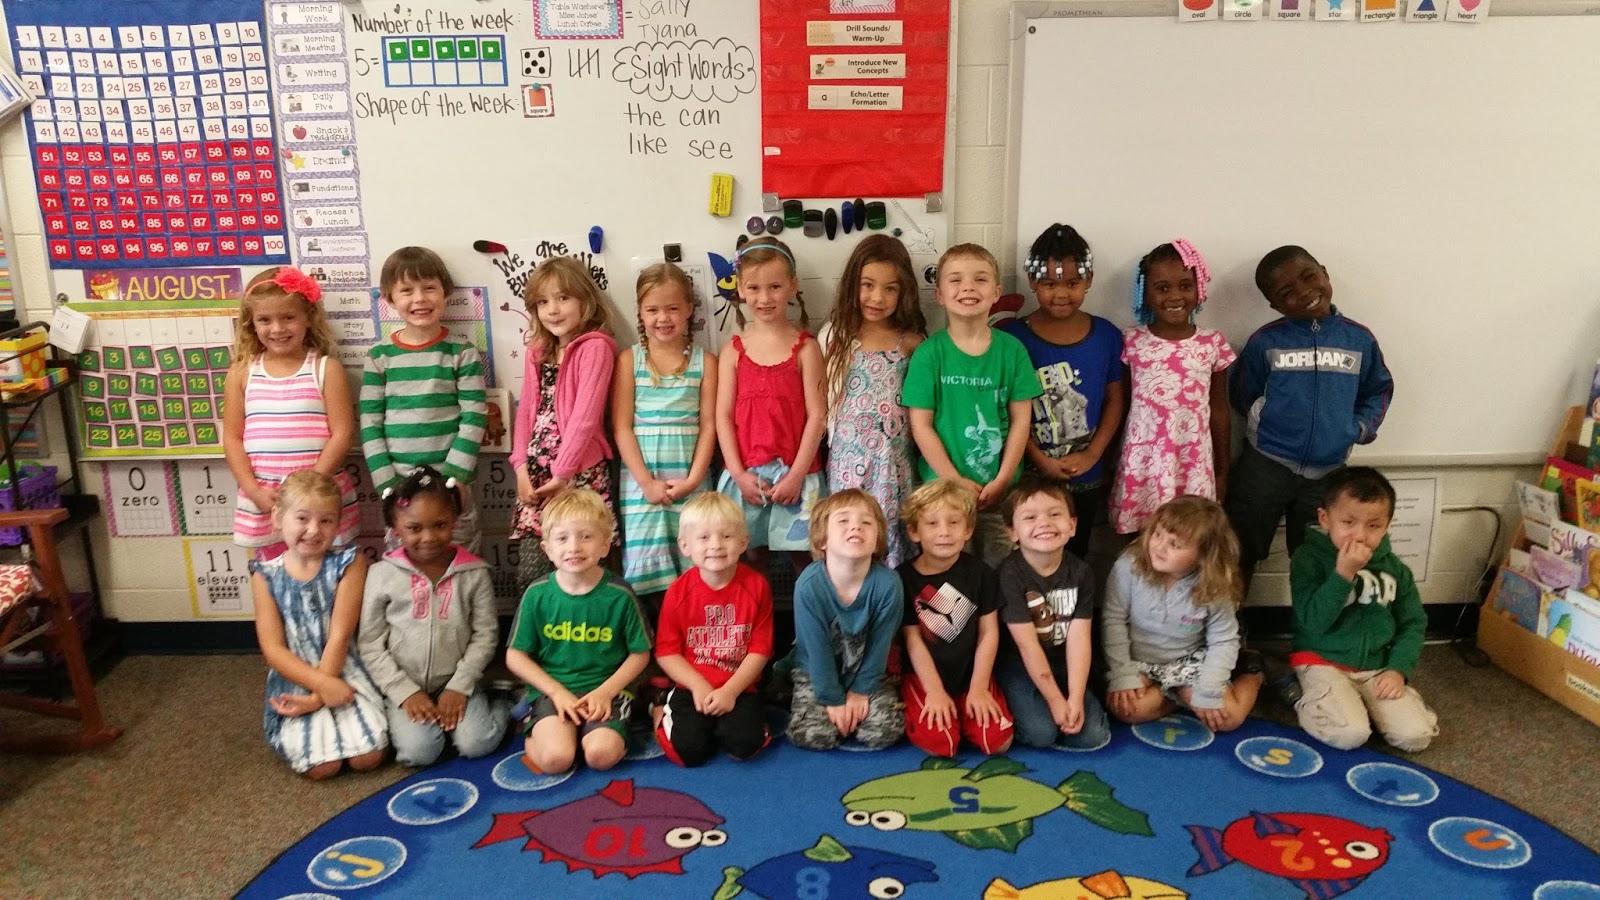 Kindergarten Classroom: Miss Jones' Kindergarten Class: Introducing Miss Jones